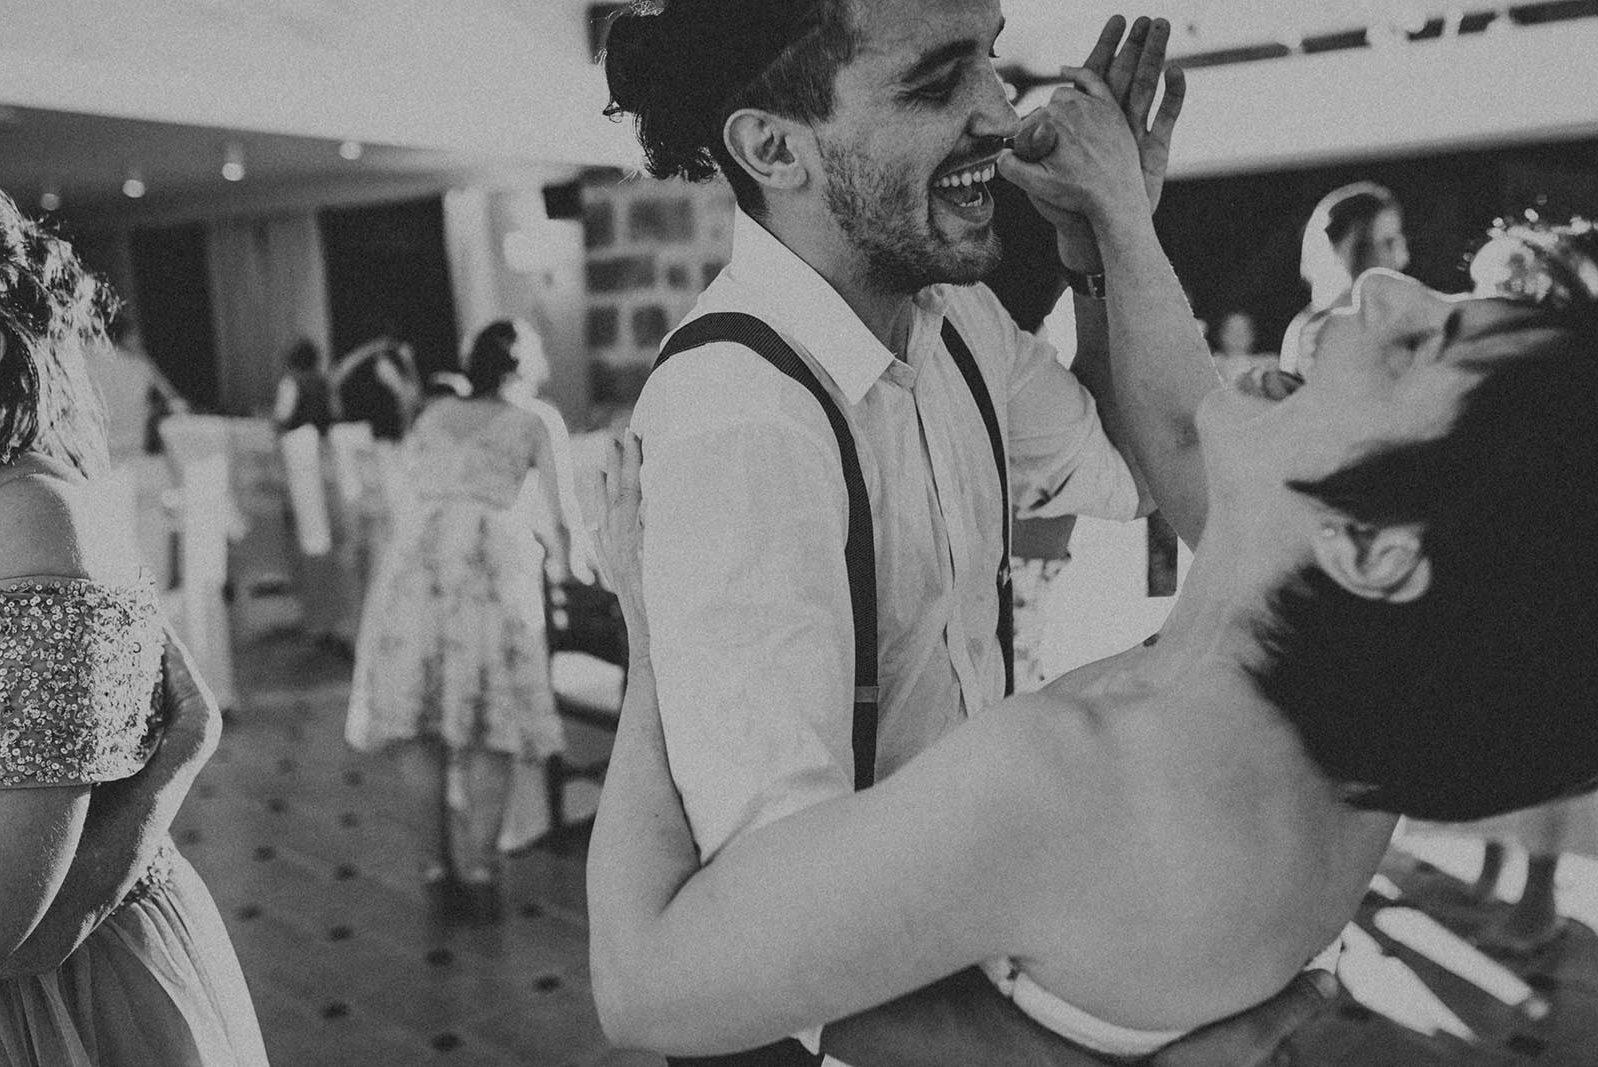 Les invités dansent à une soirée de mariage.